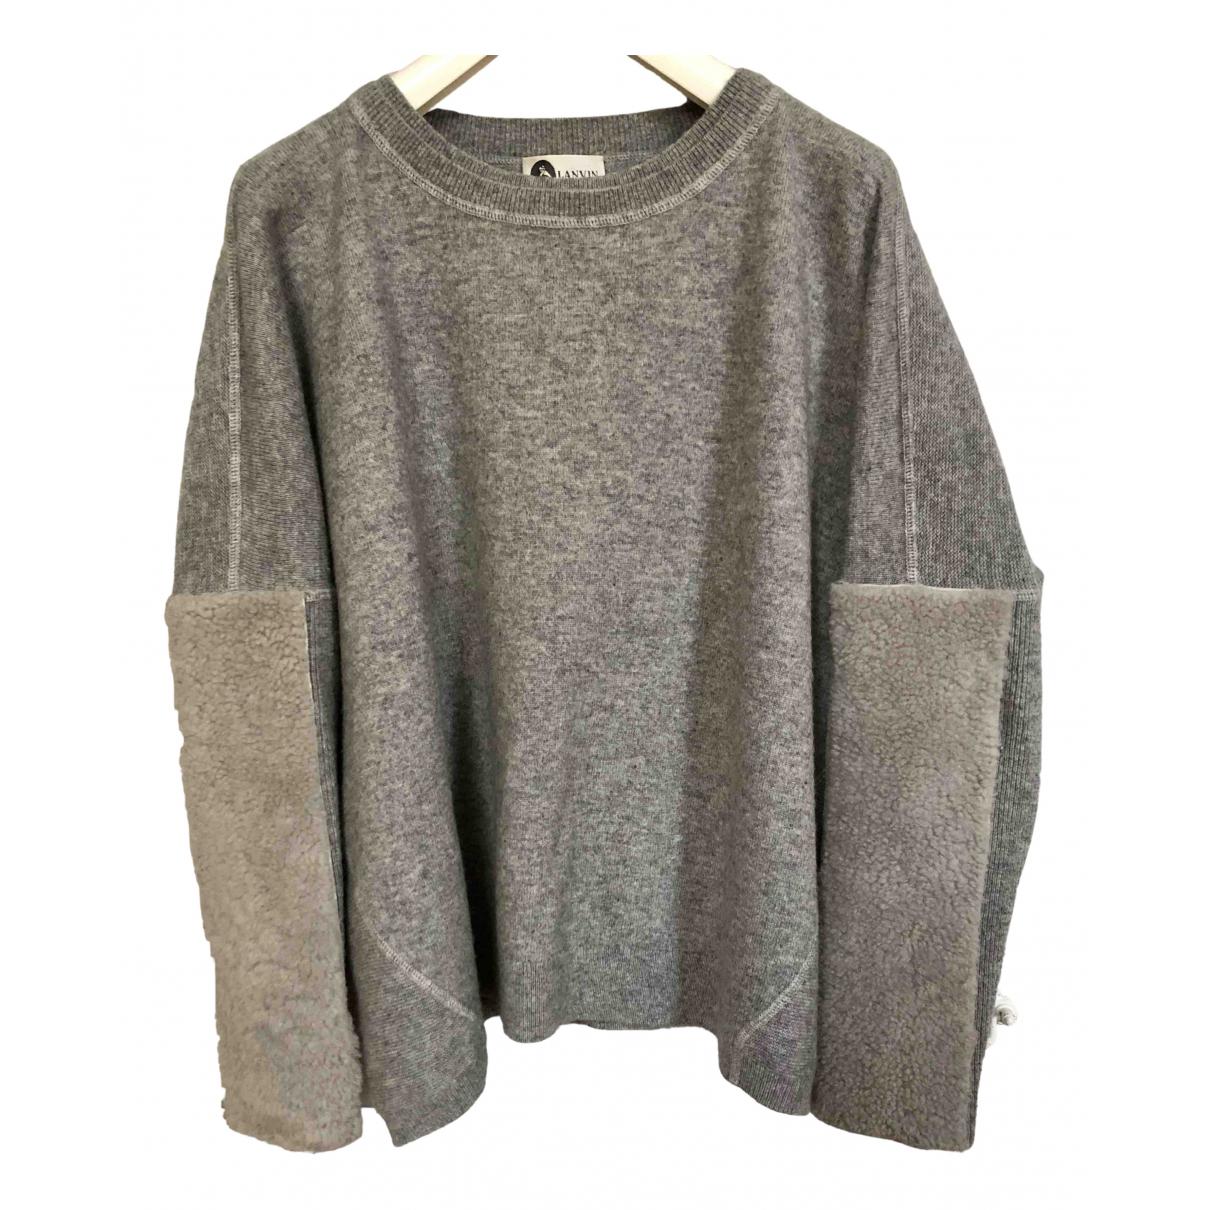 Lanvin N Grey Cashmere Knitwear for Women M International